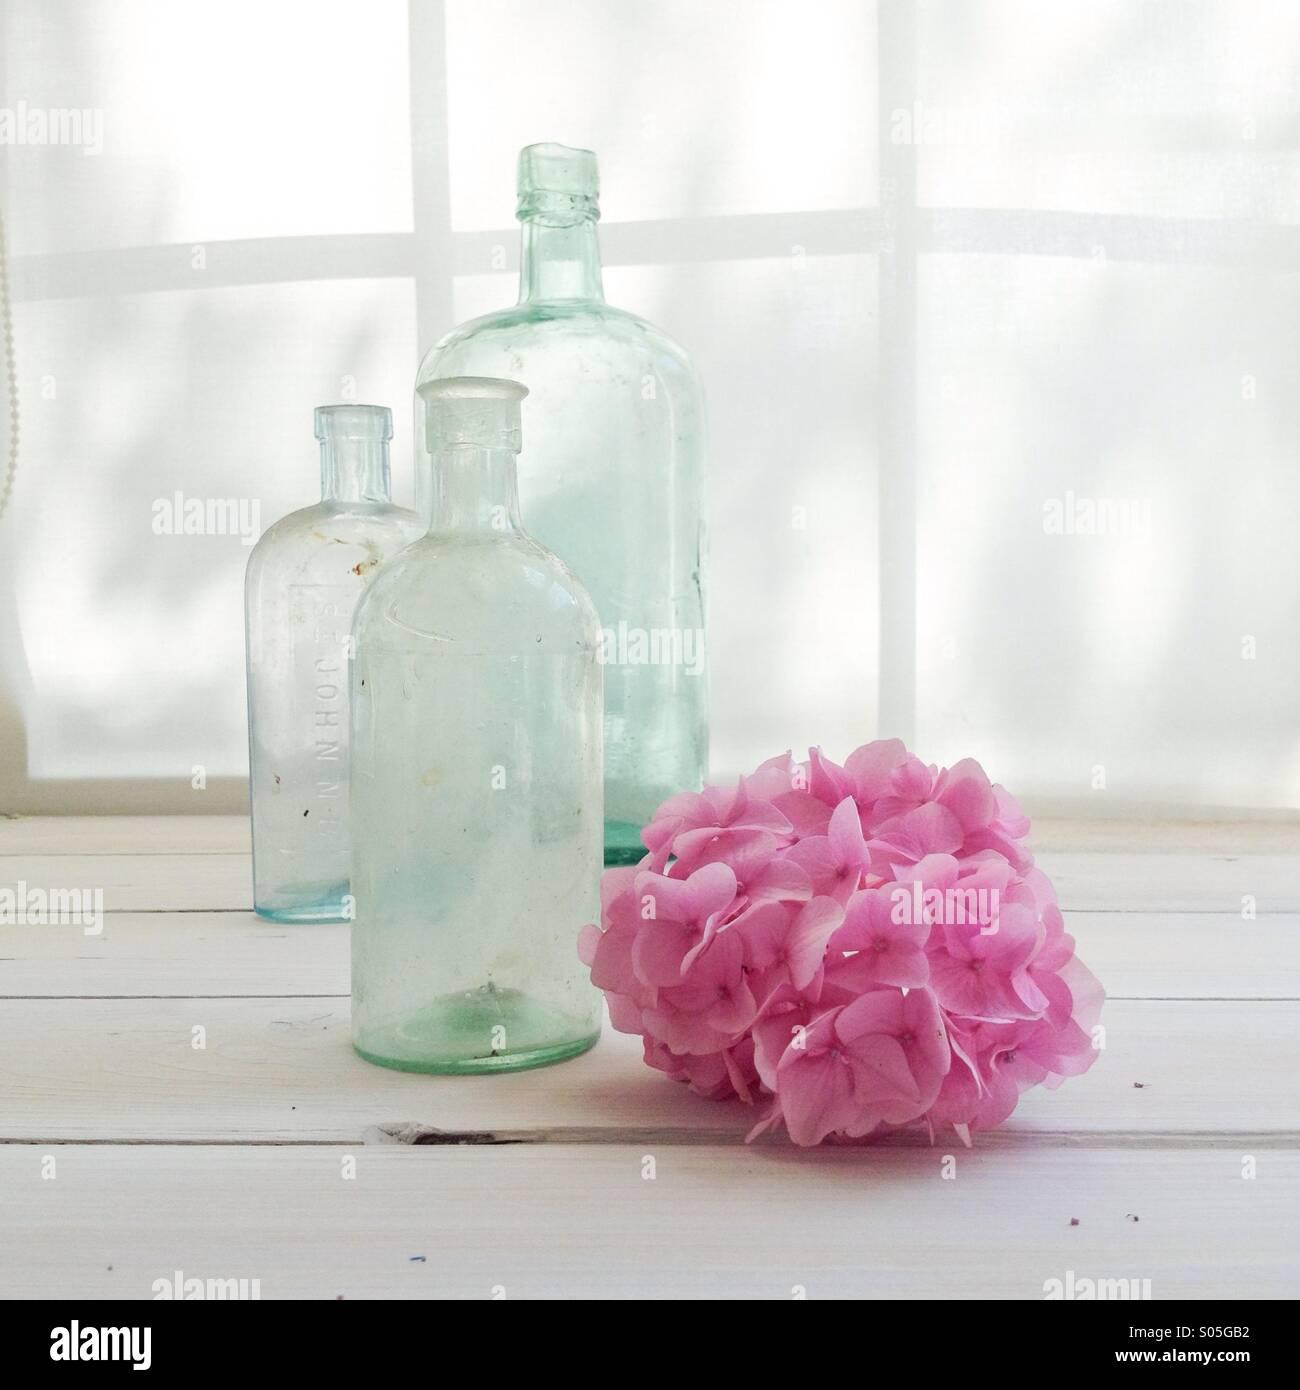 Vintage Glasflaschen mit Rosa Hortensie auf Fensterbank mit Licht getaucht Stockbild